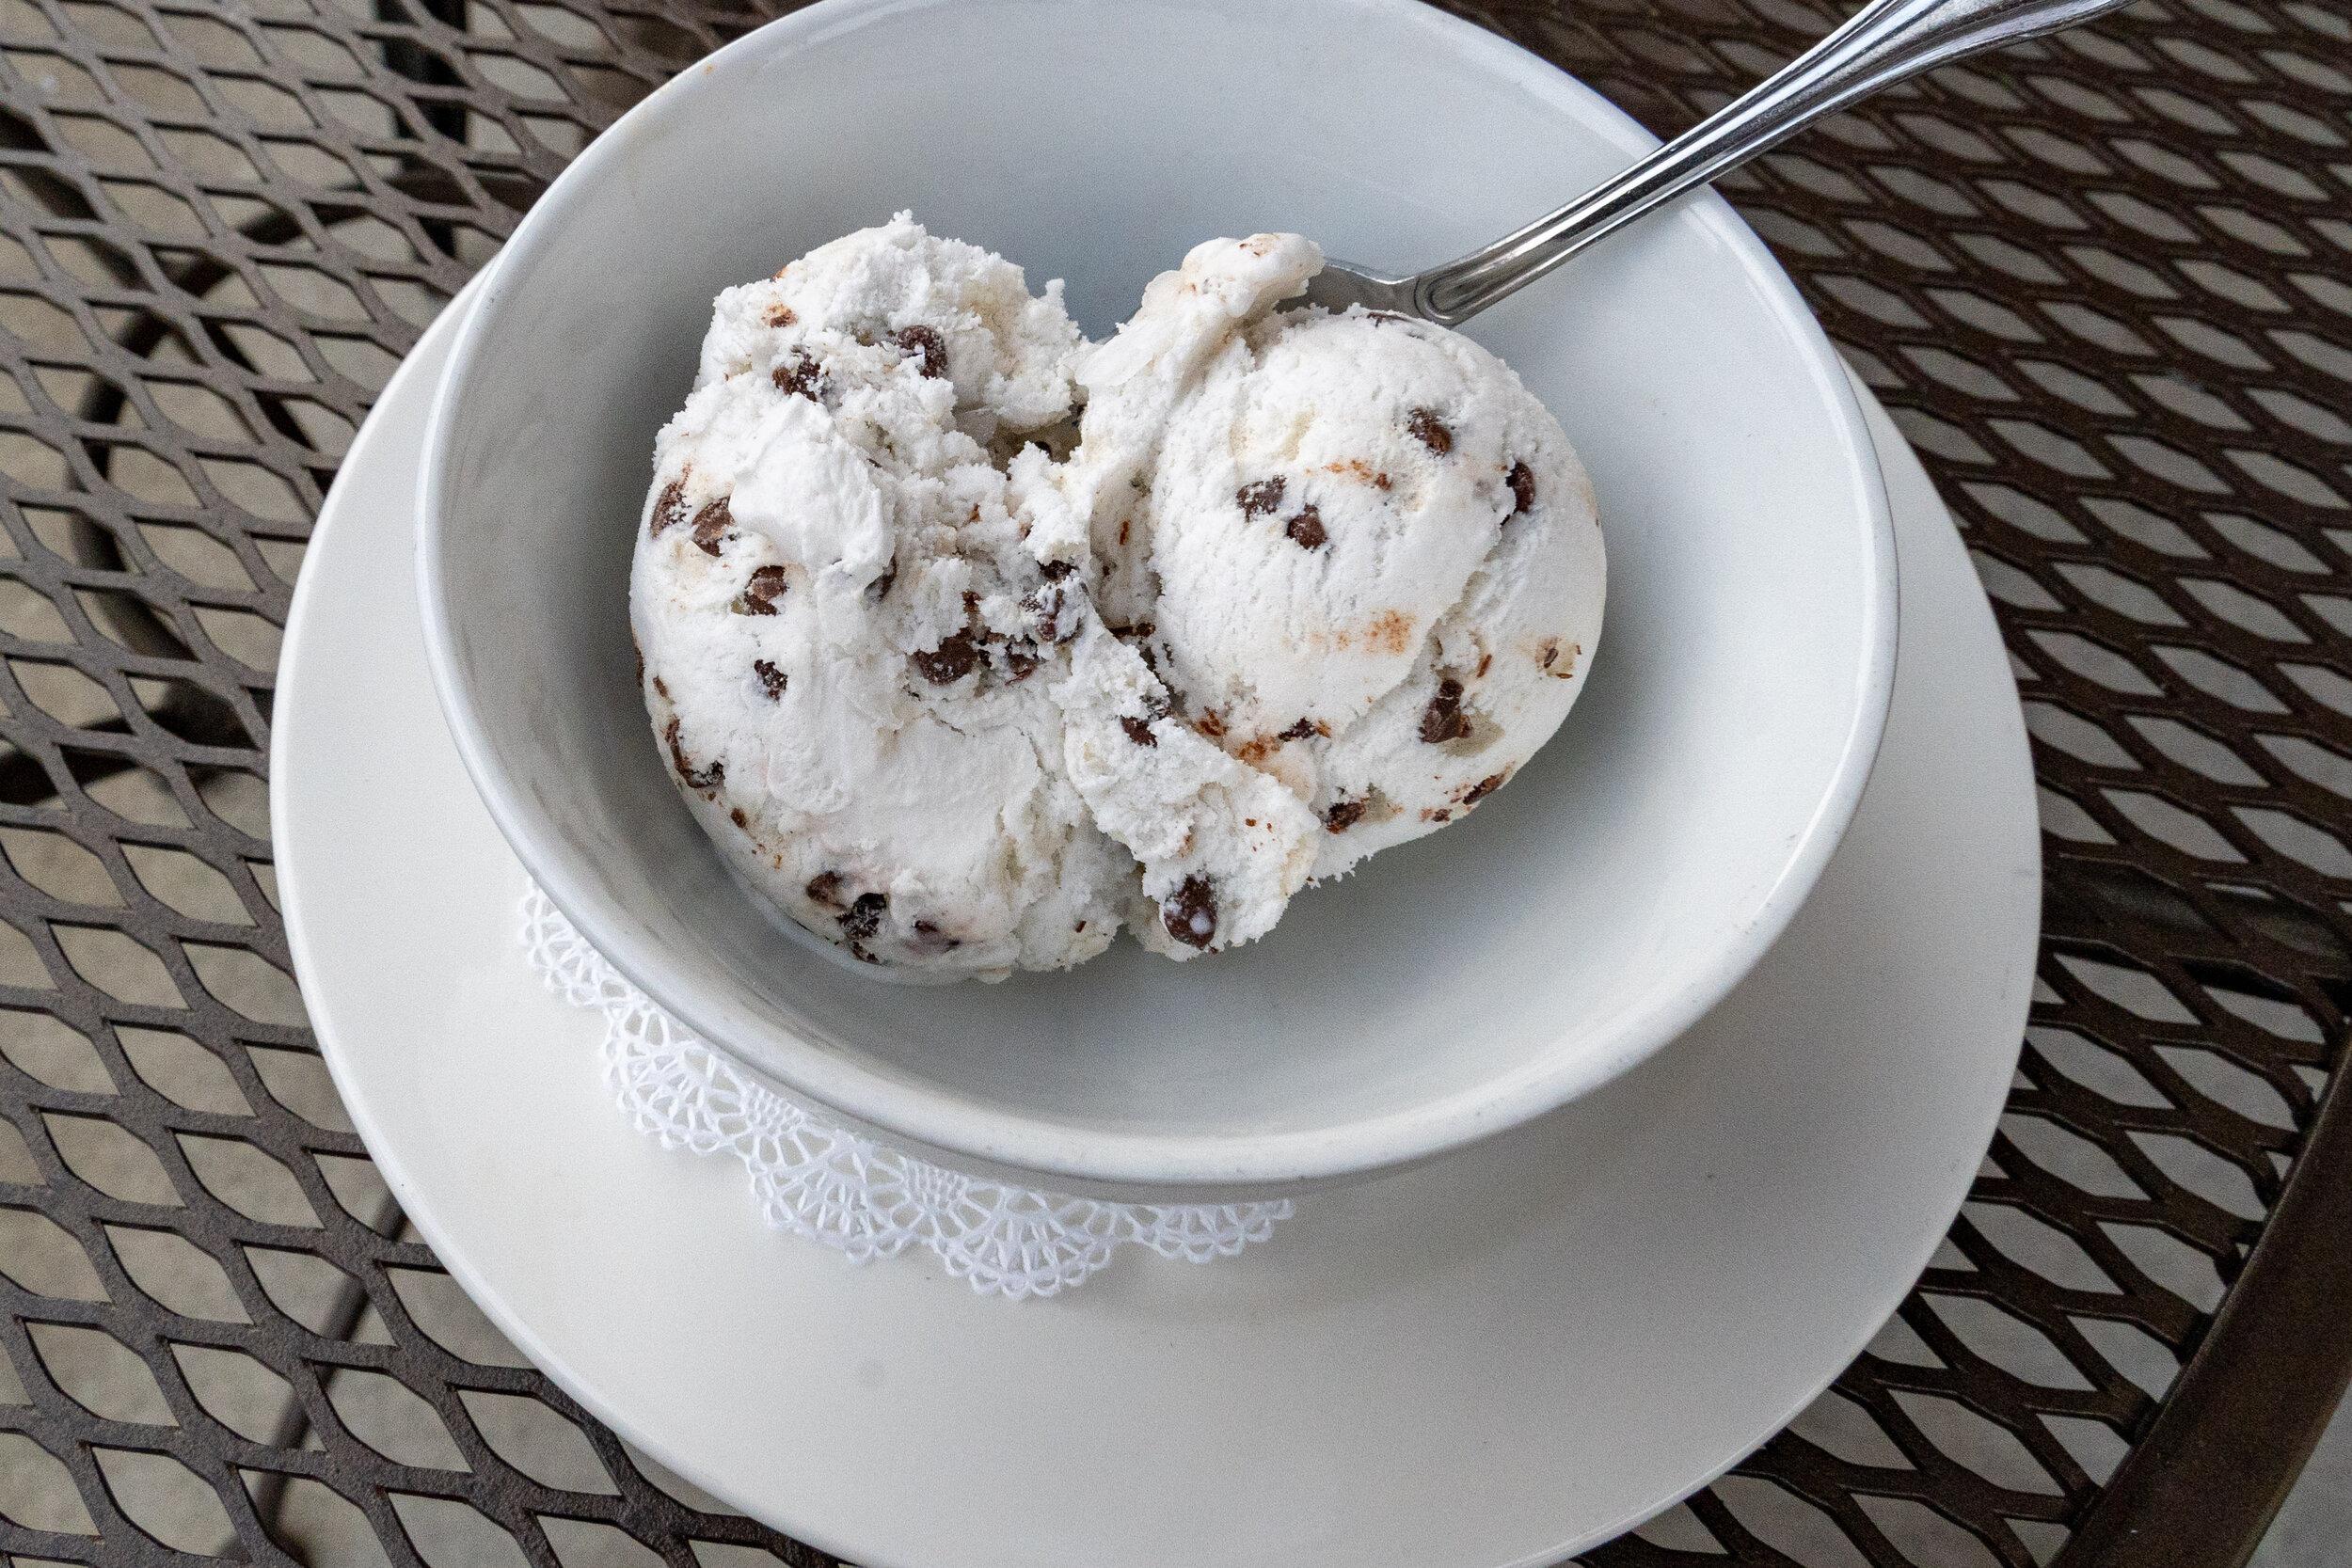 Vegan Choc Chip ice cream Cooks Tavern.jpg